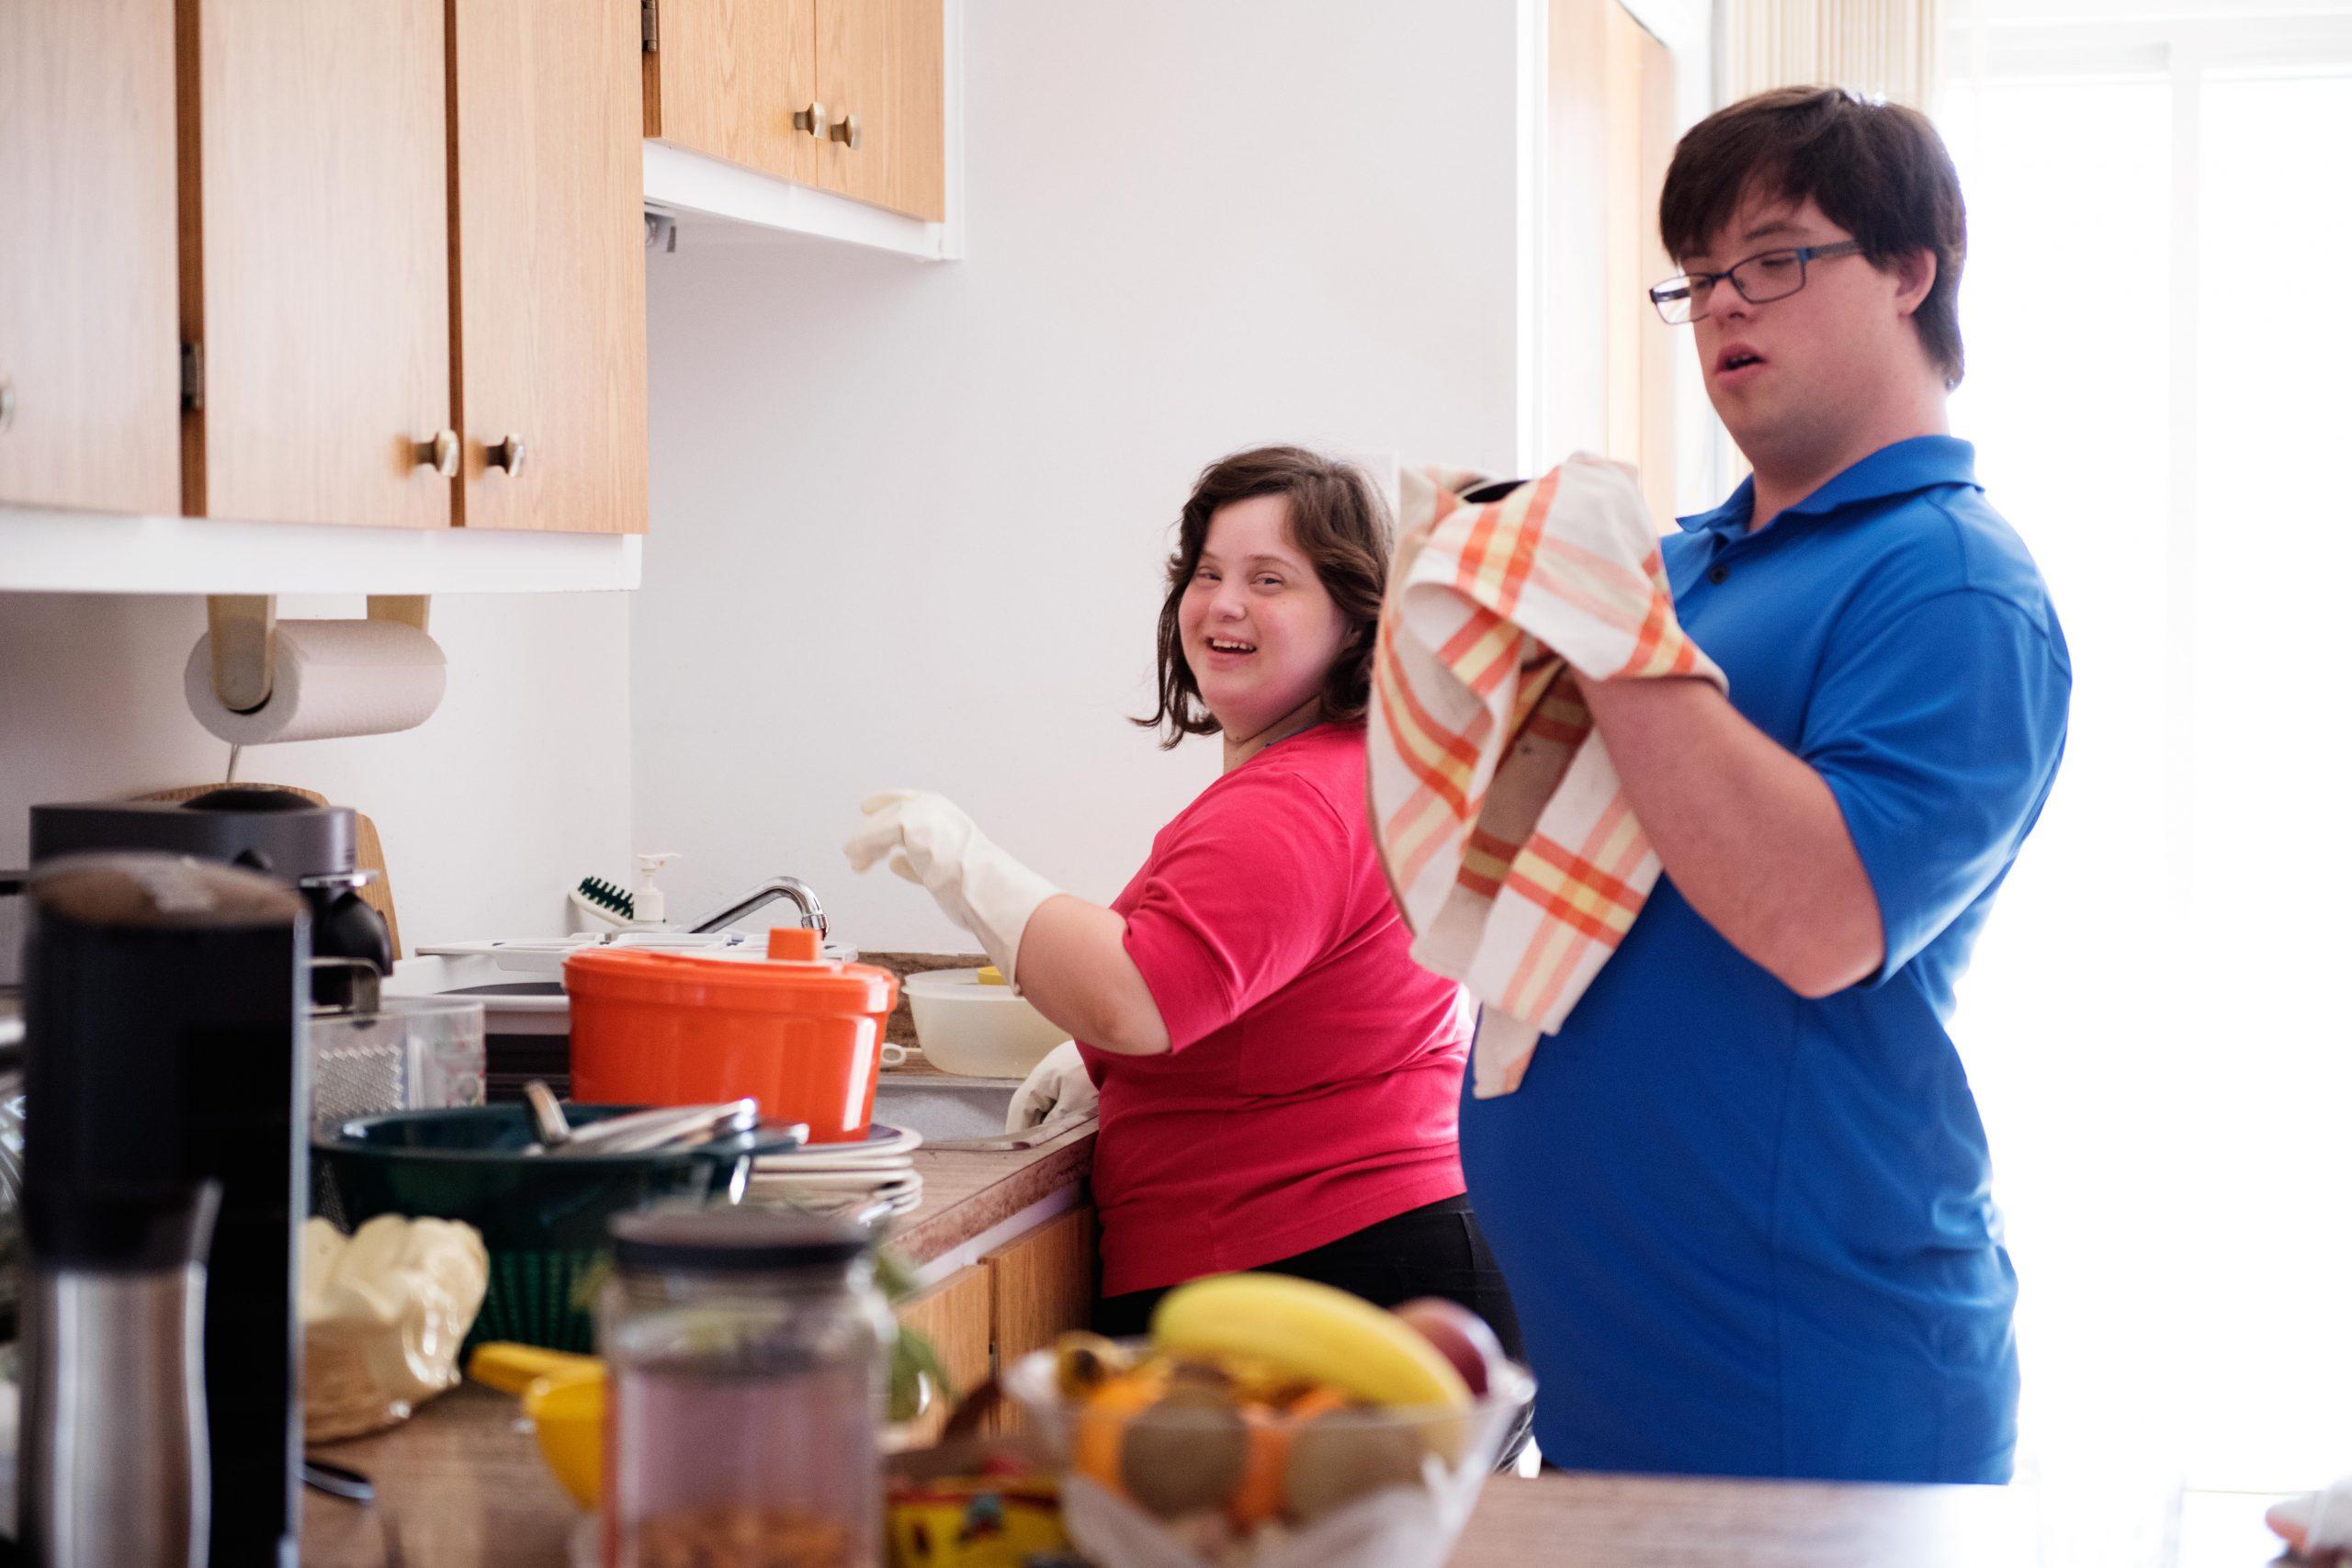 Vida independent persones amb discapacitat intel·lectual